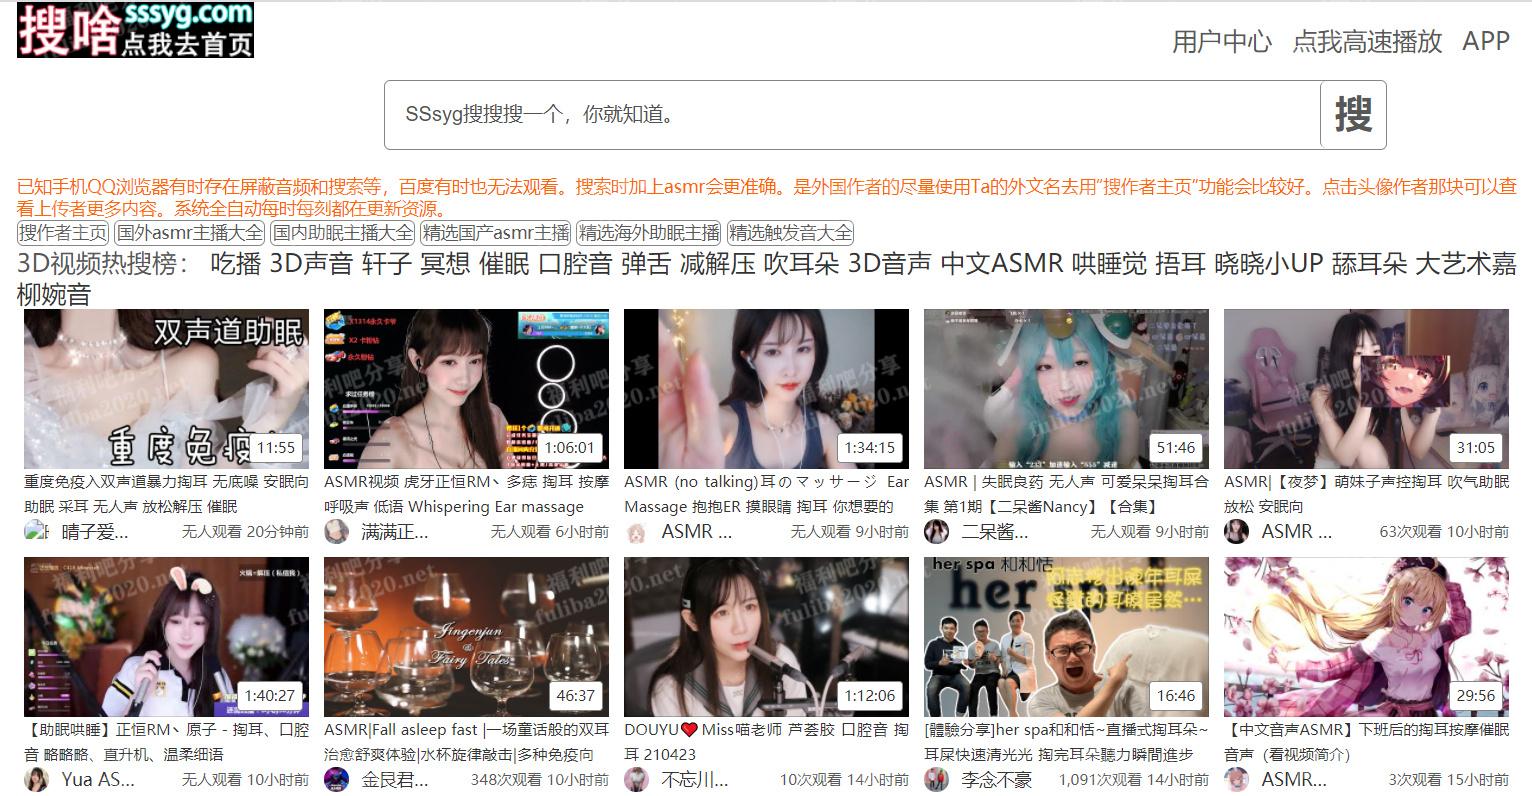 ASMR助眠音乐网站大合集-asmr-『游乐宫』Youlegong.com 第4张